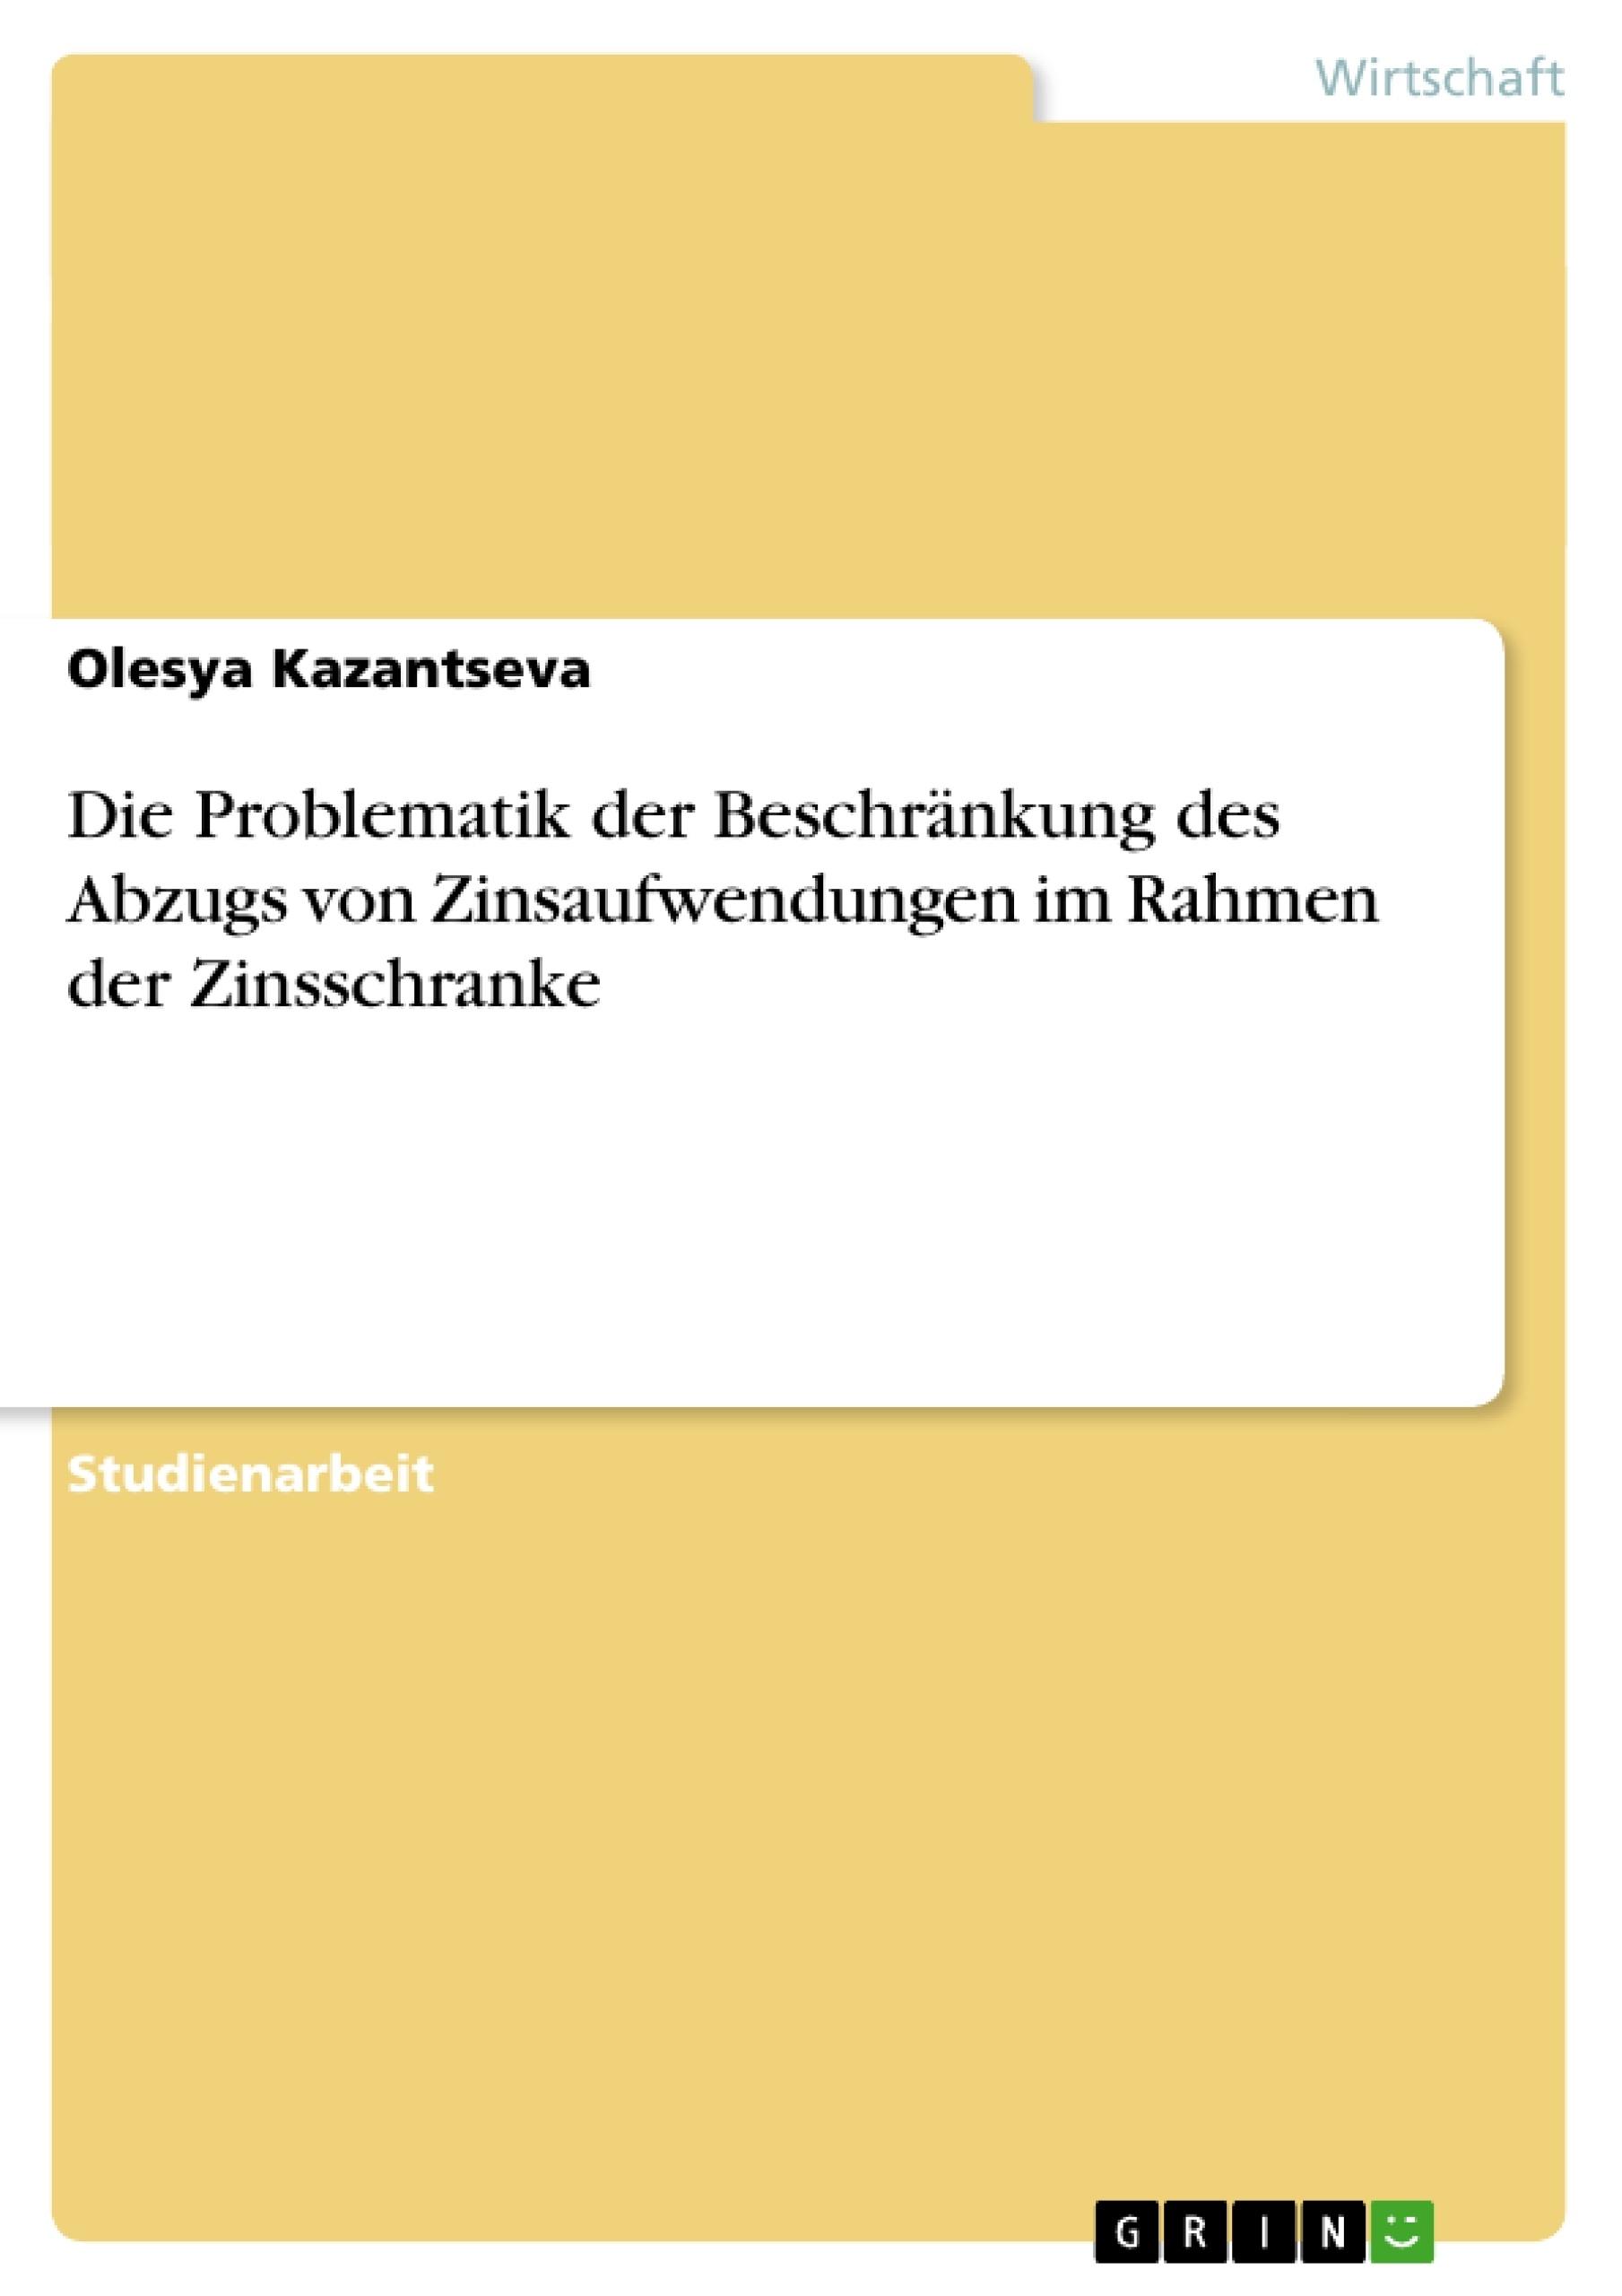 Titel: Die Problematik der Beschränkung des Abzugs von Zinsaufwendungen im Rahmen der Zinsschranke